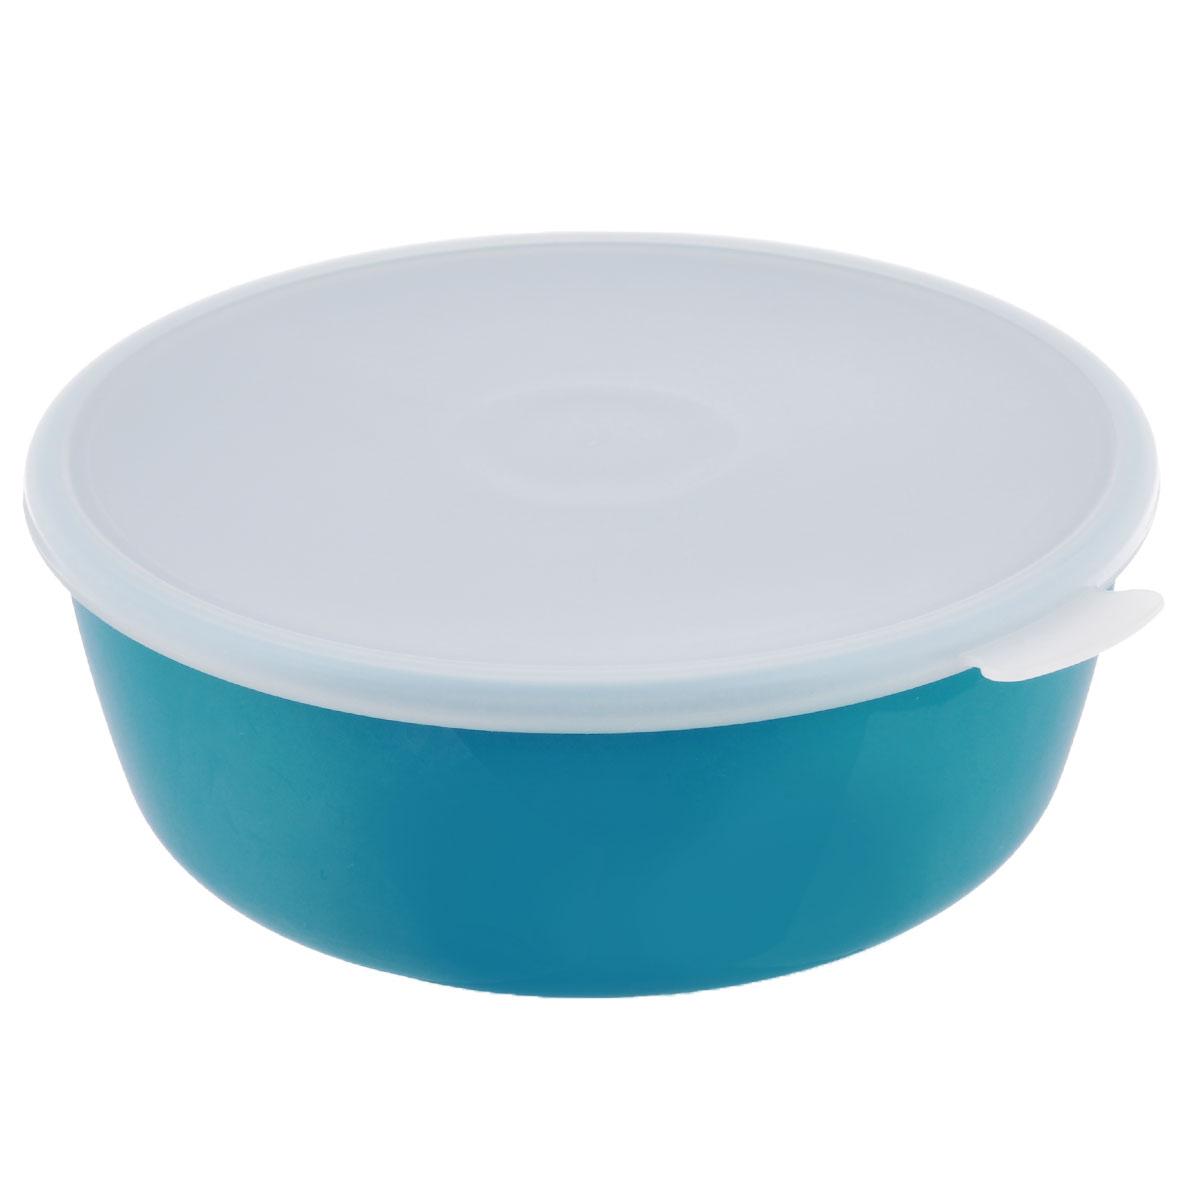 Миска Idea Прованс, с крышкой, цвет: бирюзовый, 2,5 лМ 1382Миска круглой формы Idea Прованс изготовлена из высококачественного пищевого пластика. Изделие очень функциональное, оно пригодится на кухне для самых разнообразных нужд: в качестве салатника, миски, тарелки. Герметичная крышка обеспечивает продуктам долгий срок хранения.Диаметр миски: 22,5 см.Высота миски: 8,5 см.